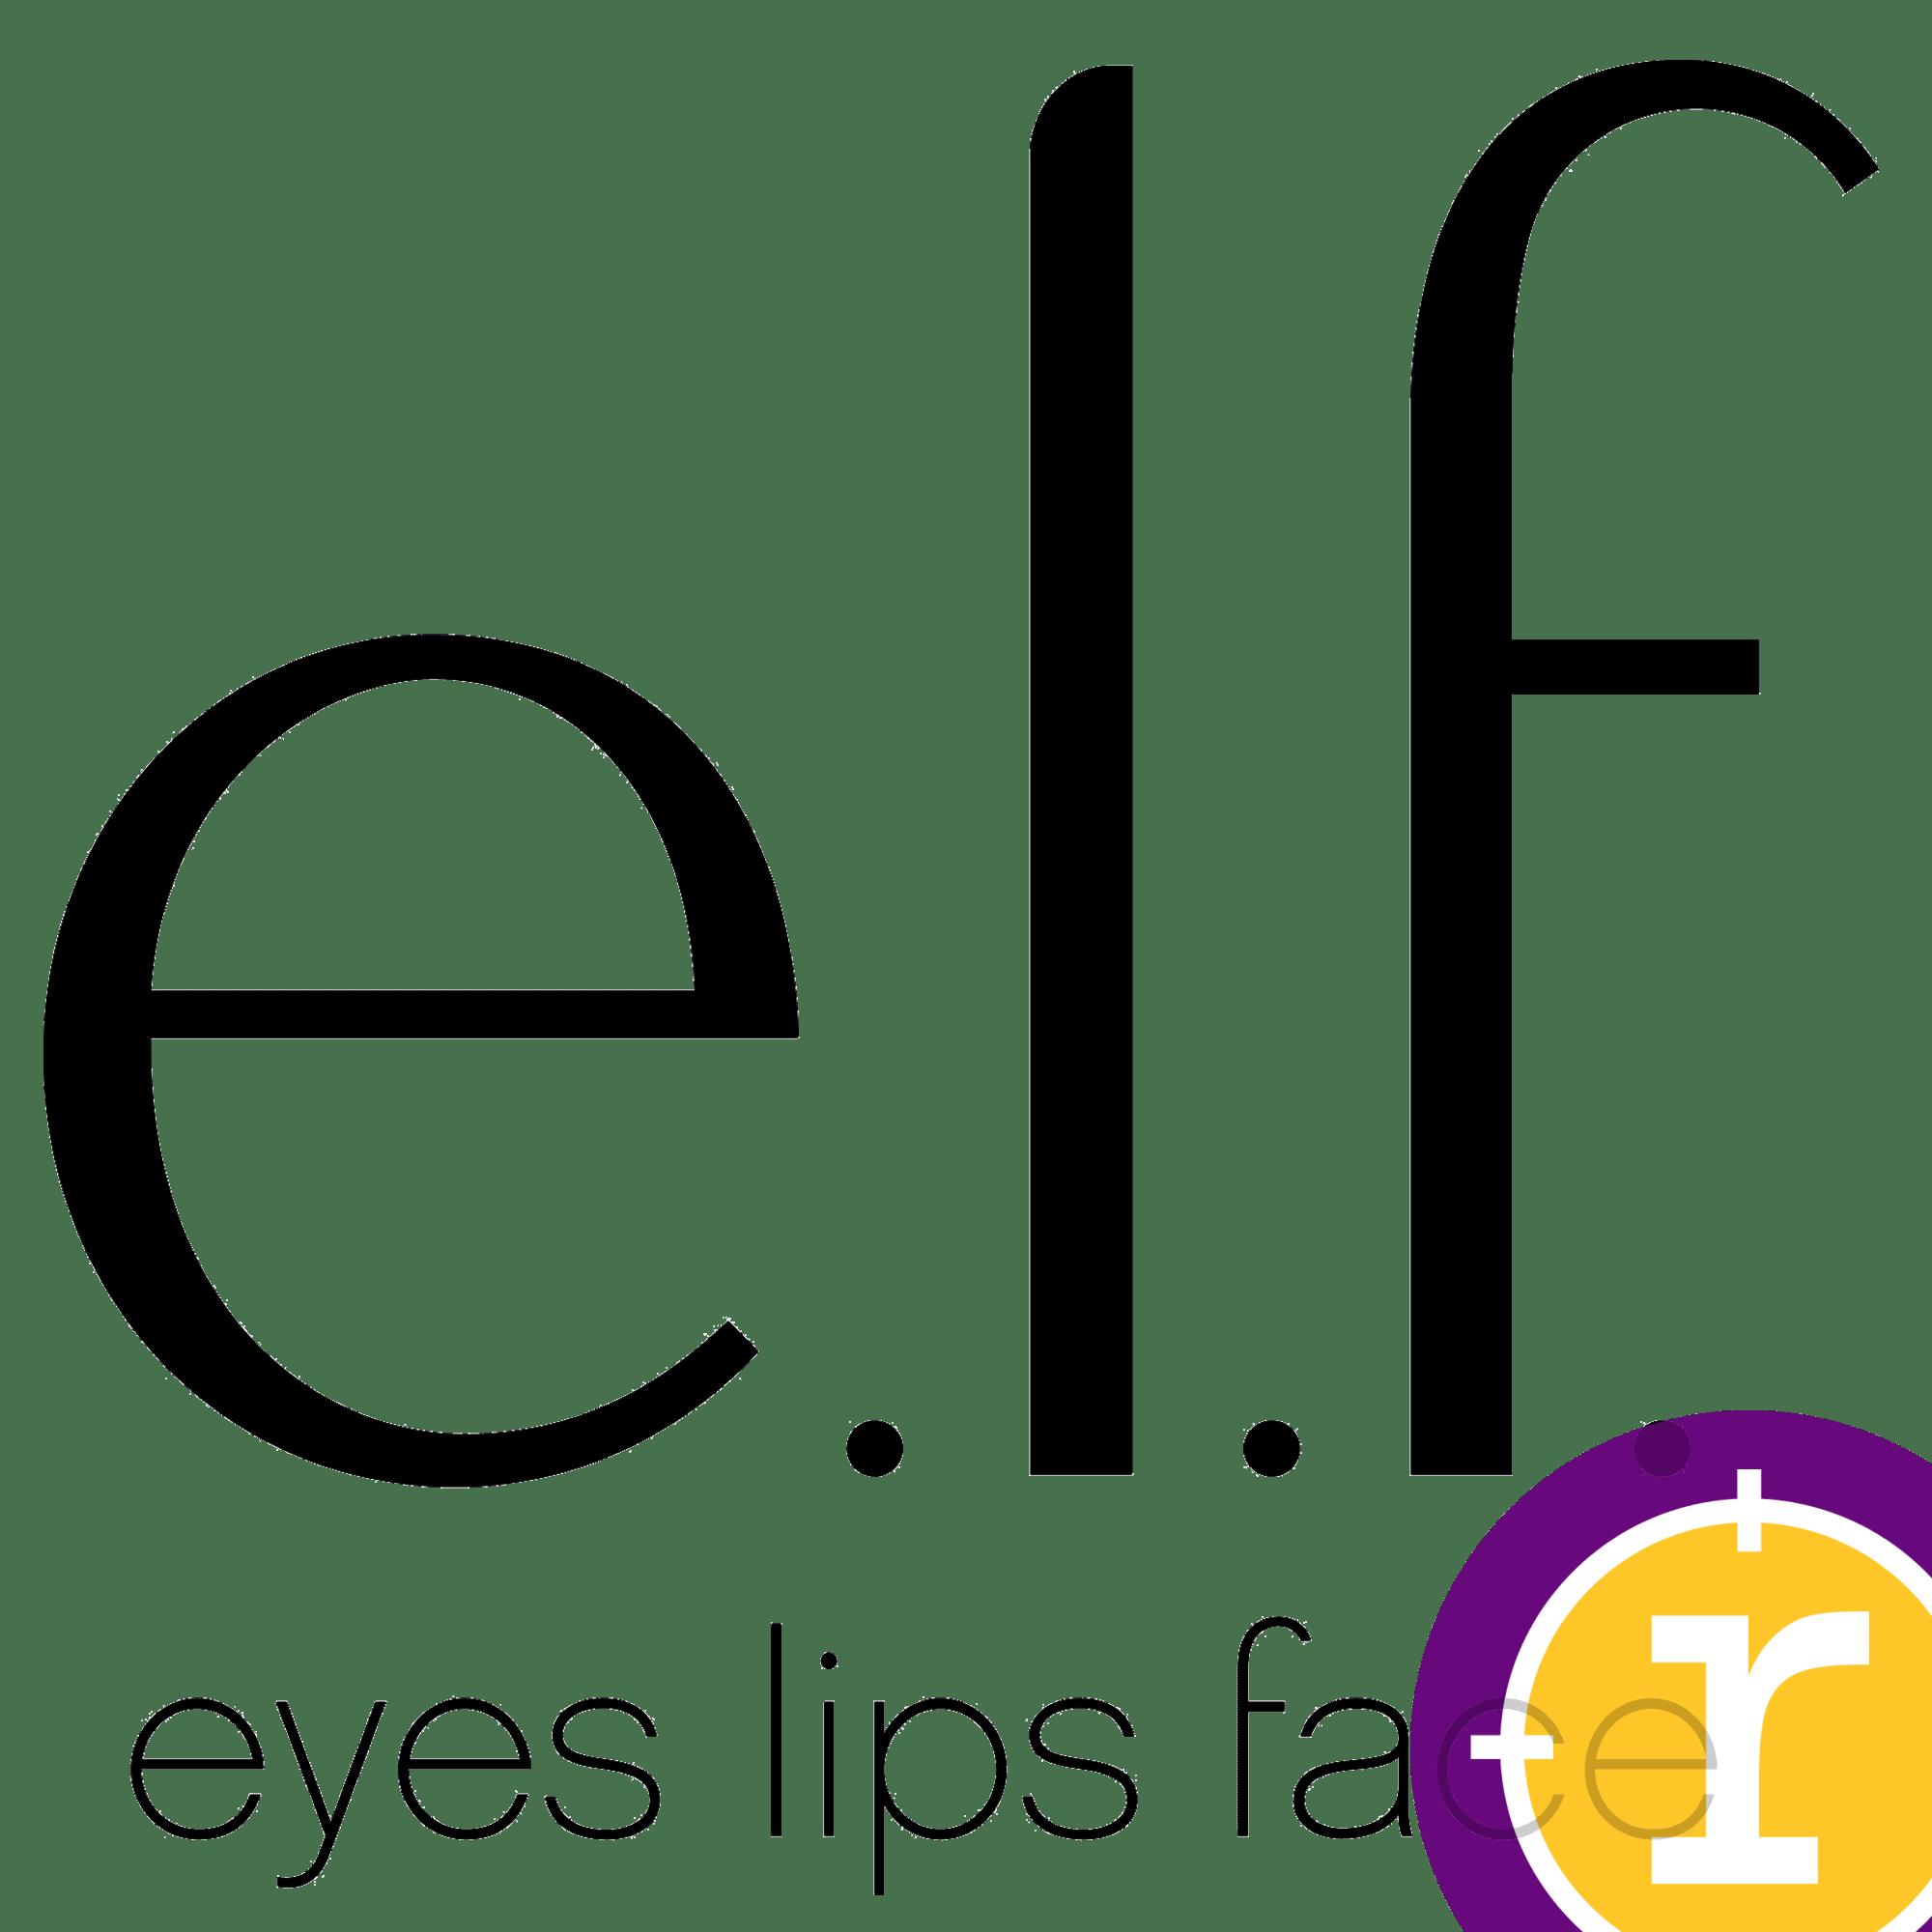 5e2d36d04 Elf Cosmetics rabattkoder - Fri frakt fra 50 kr - juli 2019